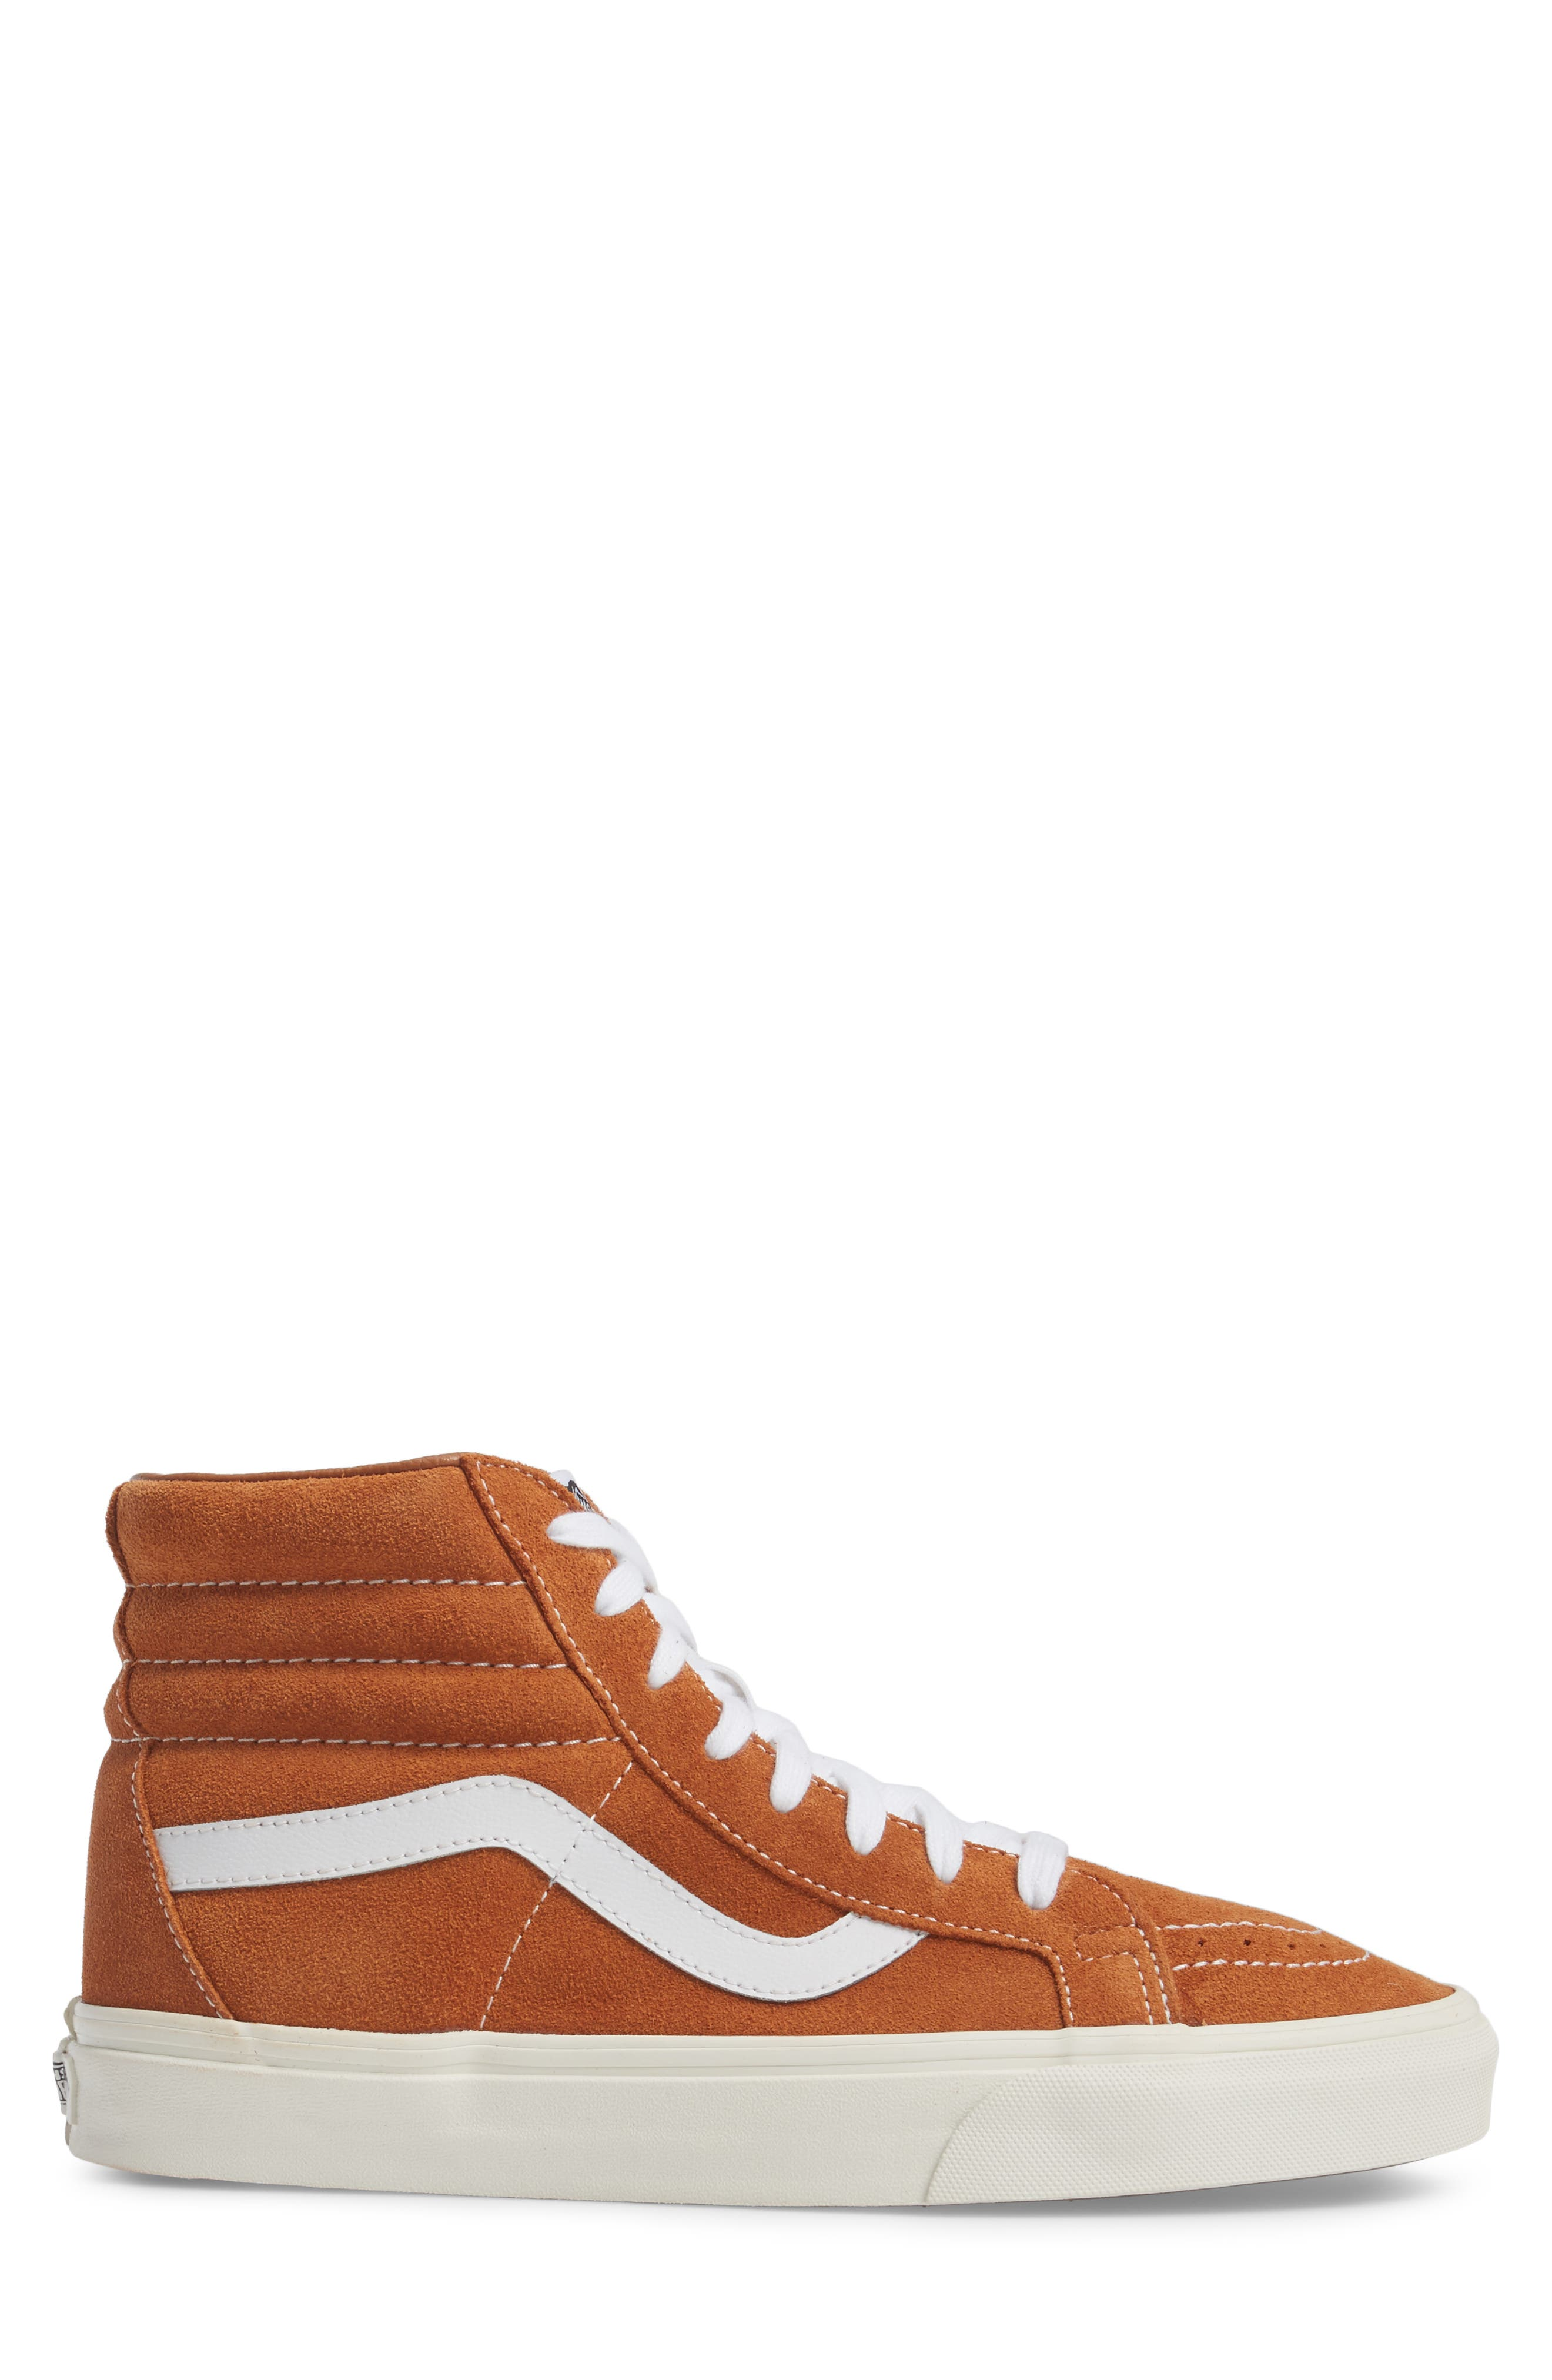 Alternate Image 3  - Vans Sk8-Hi Reissue Sneaker (Men)